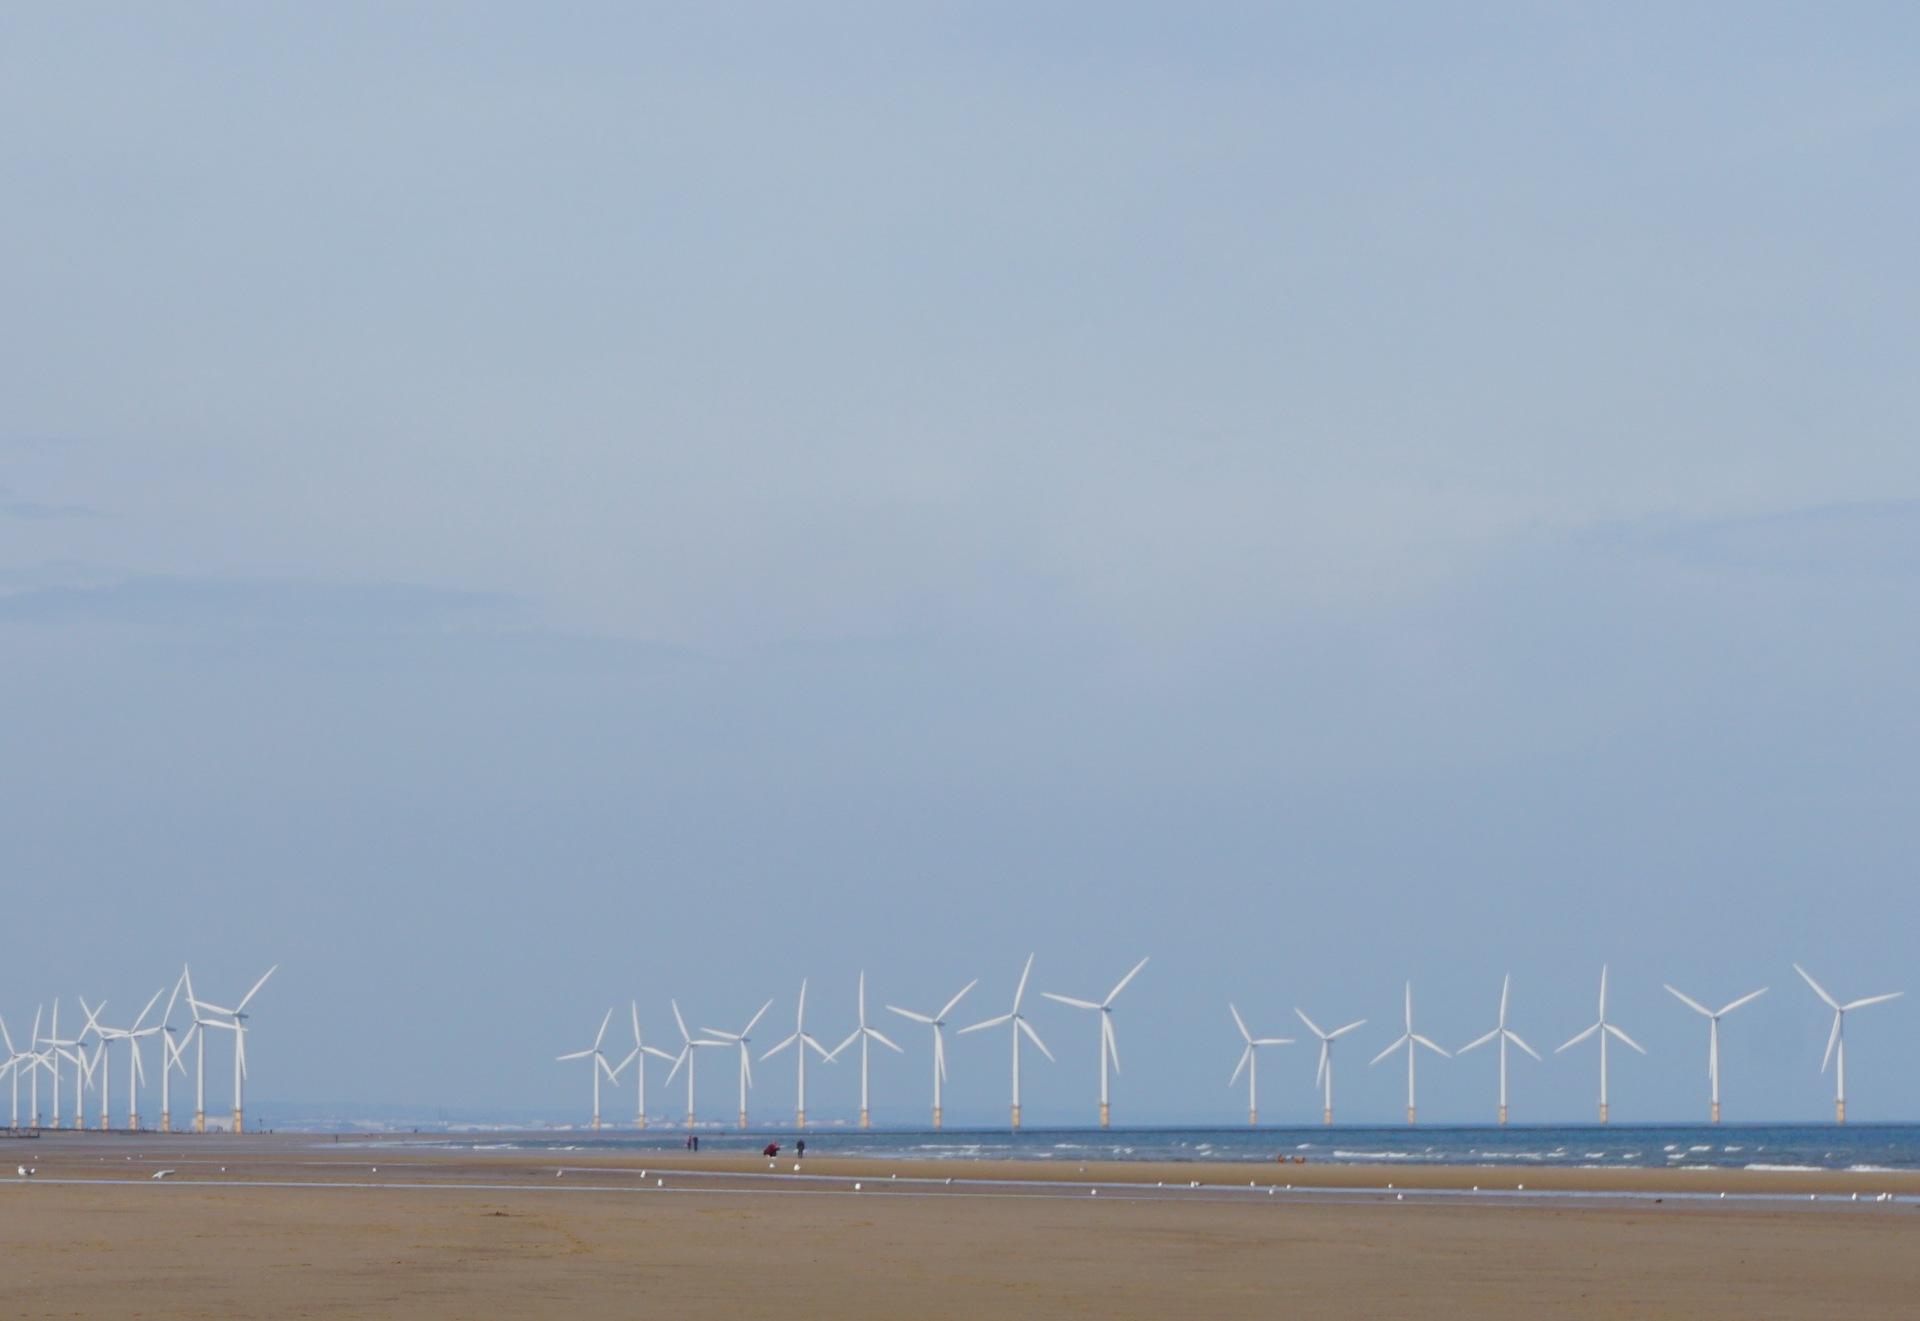 Wind Farm | blue sky, fair weather, turbine, sun